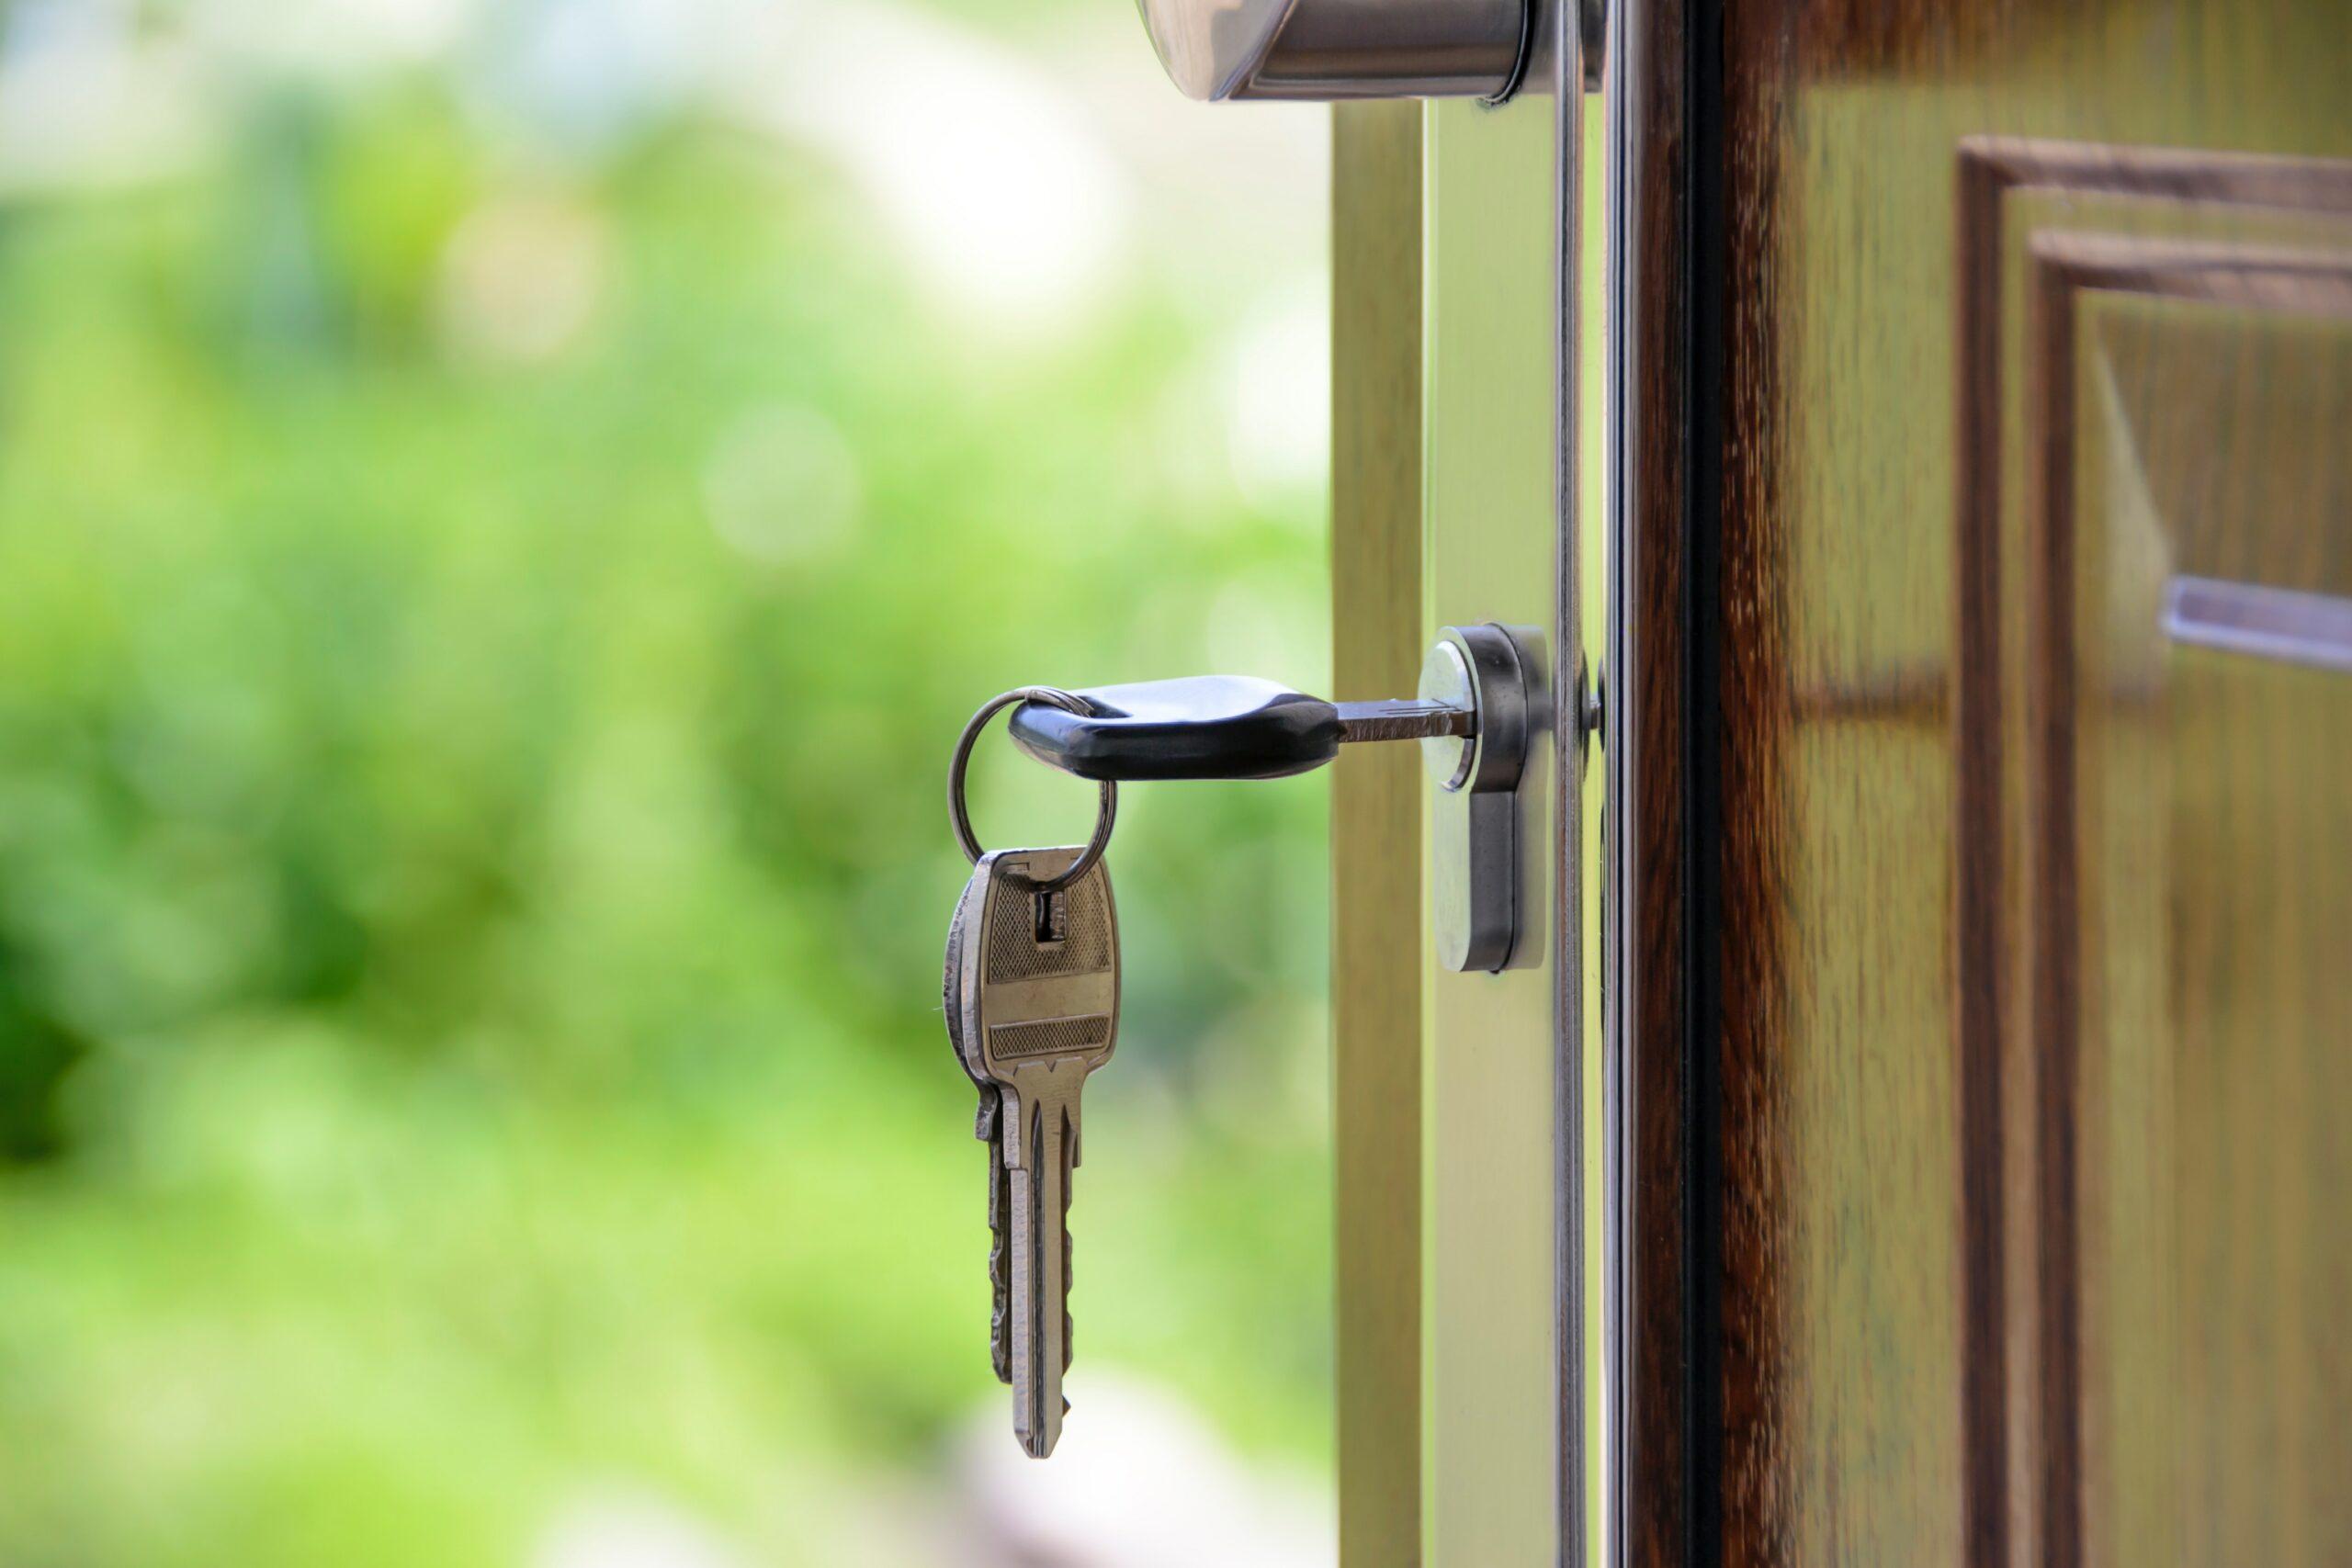 Quale serratura scegliere? Chiedi aiuto al fabbro